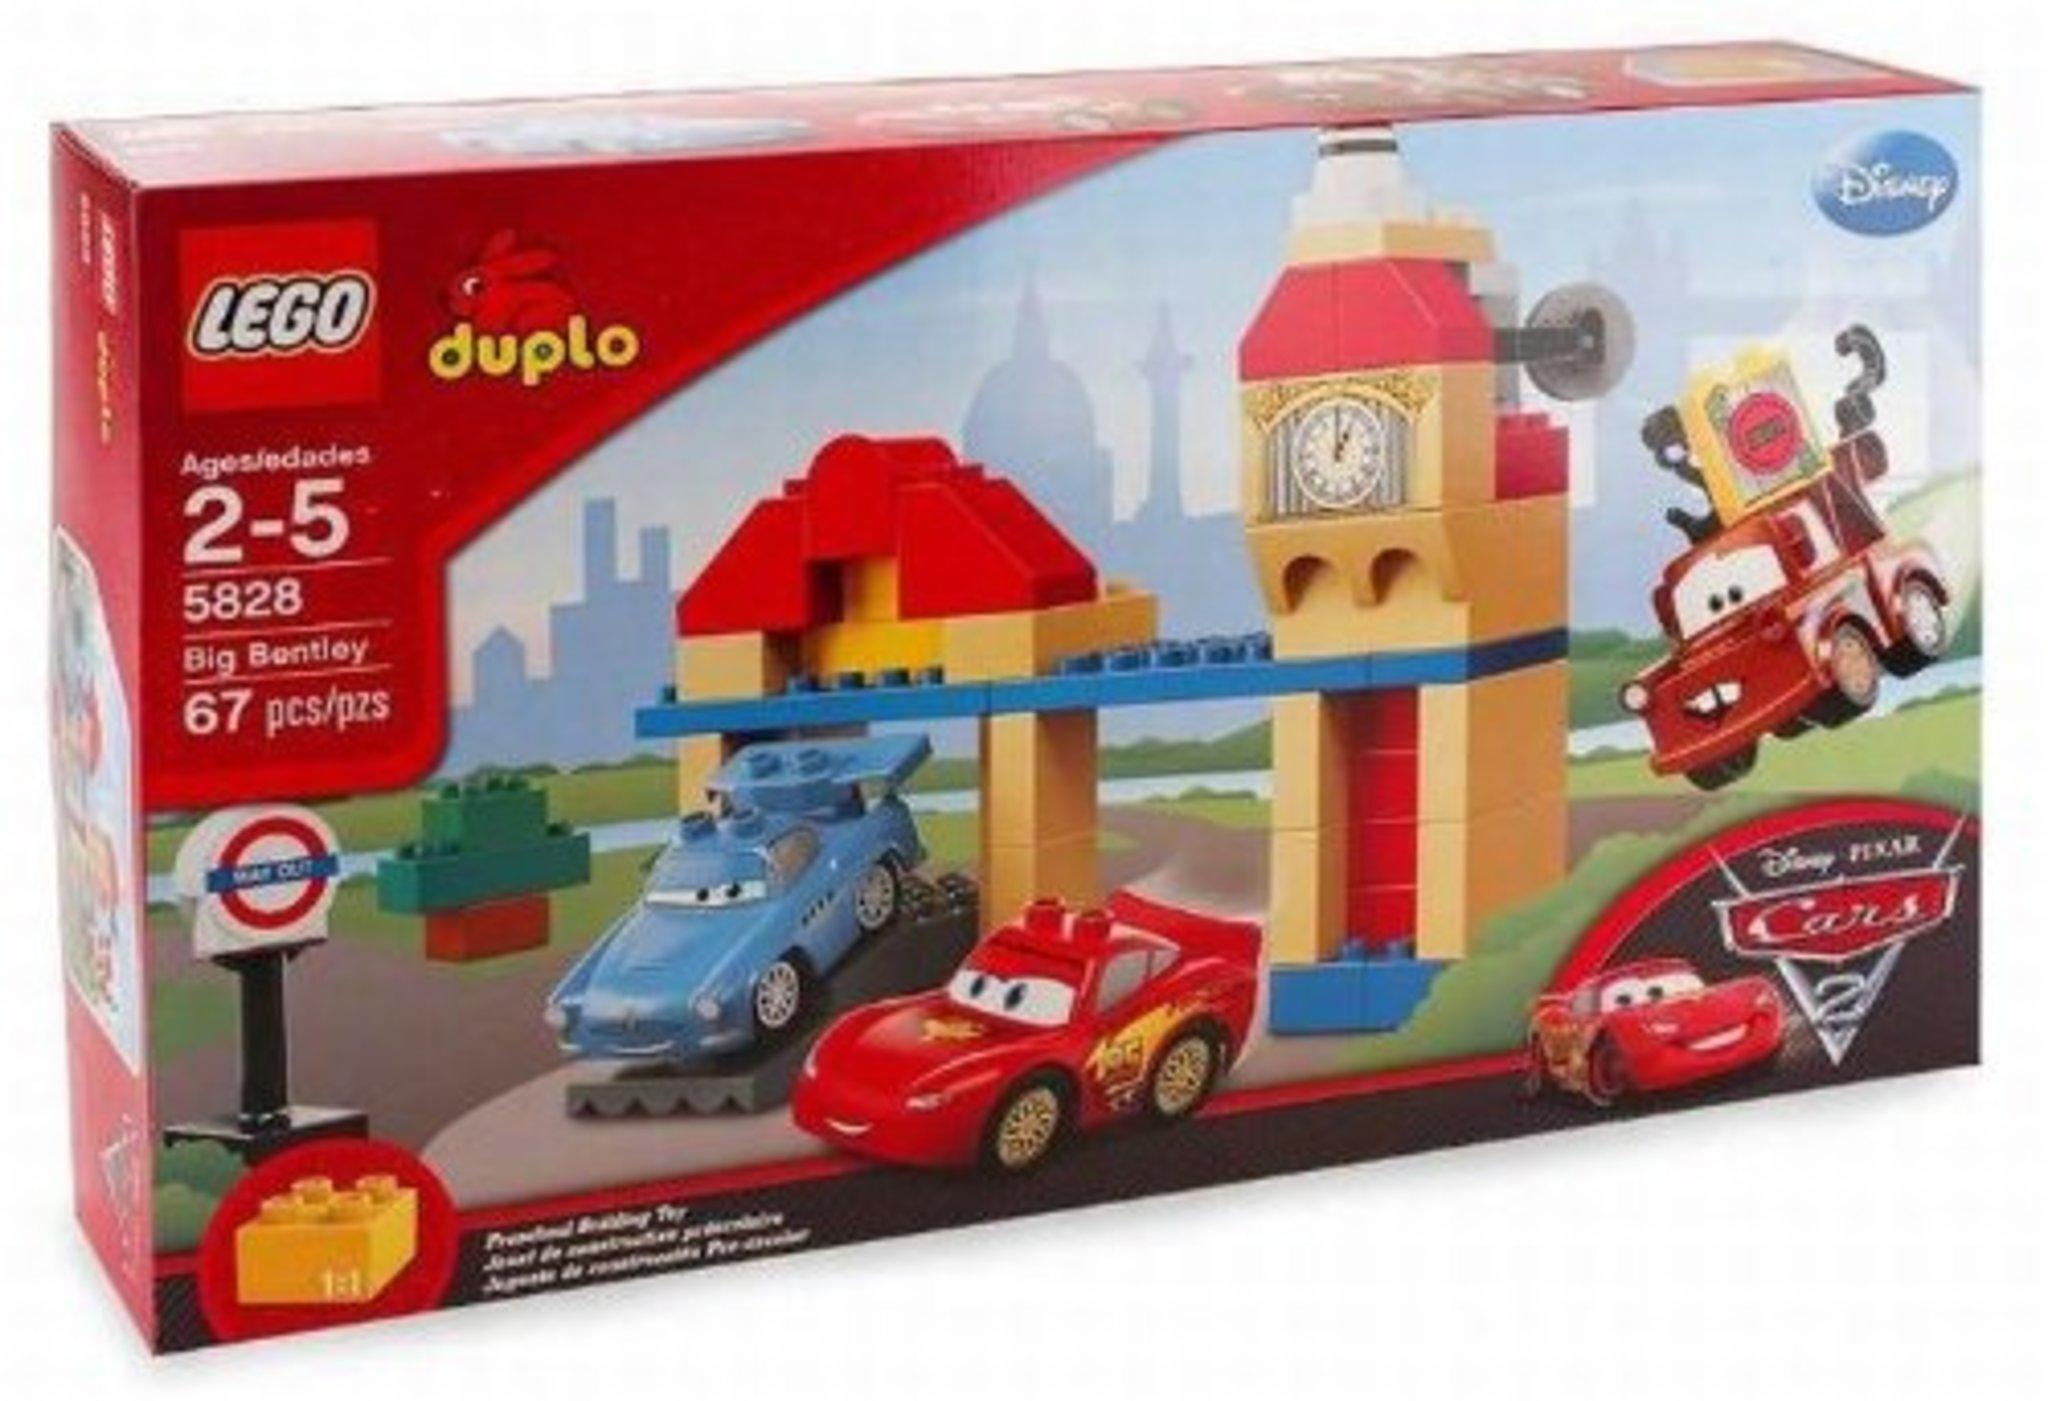 LEGO Duplo 5828 - Big Bentley